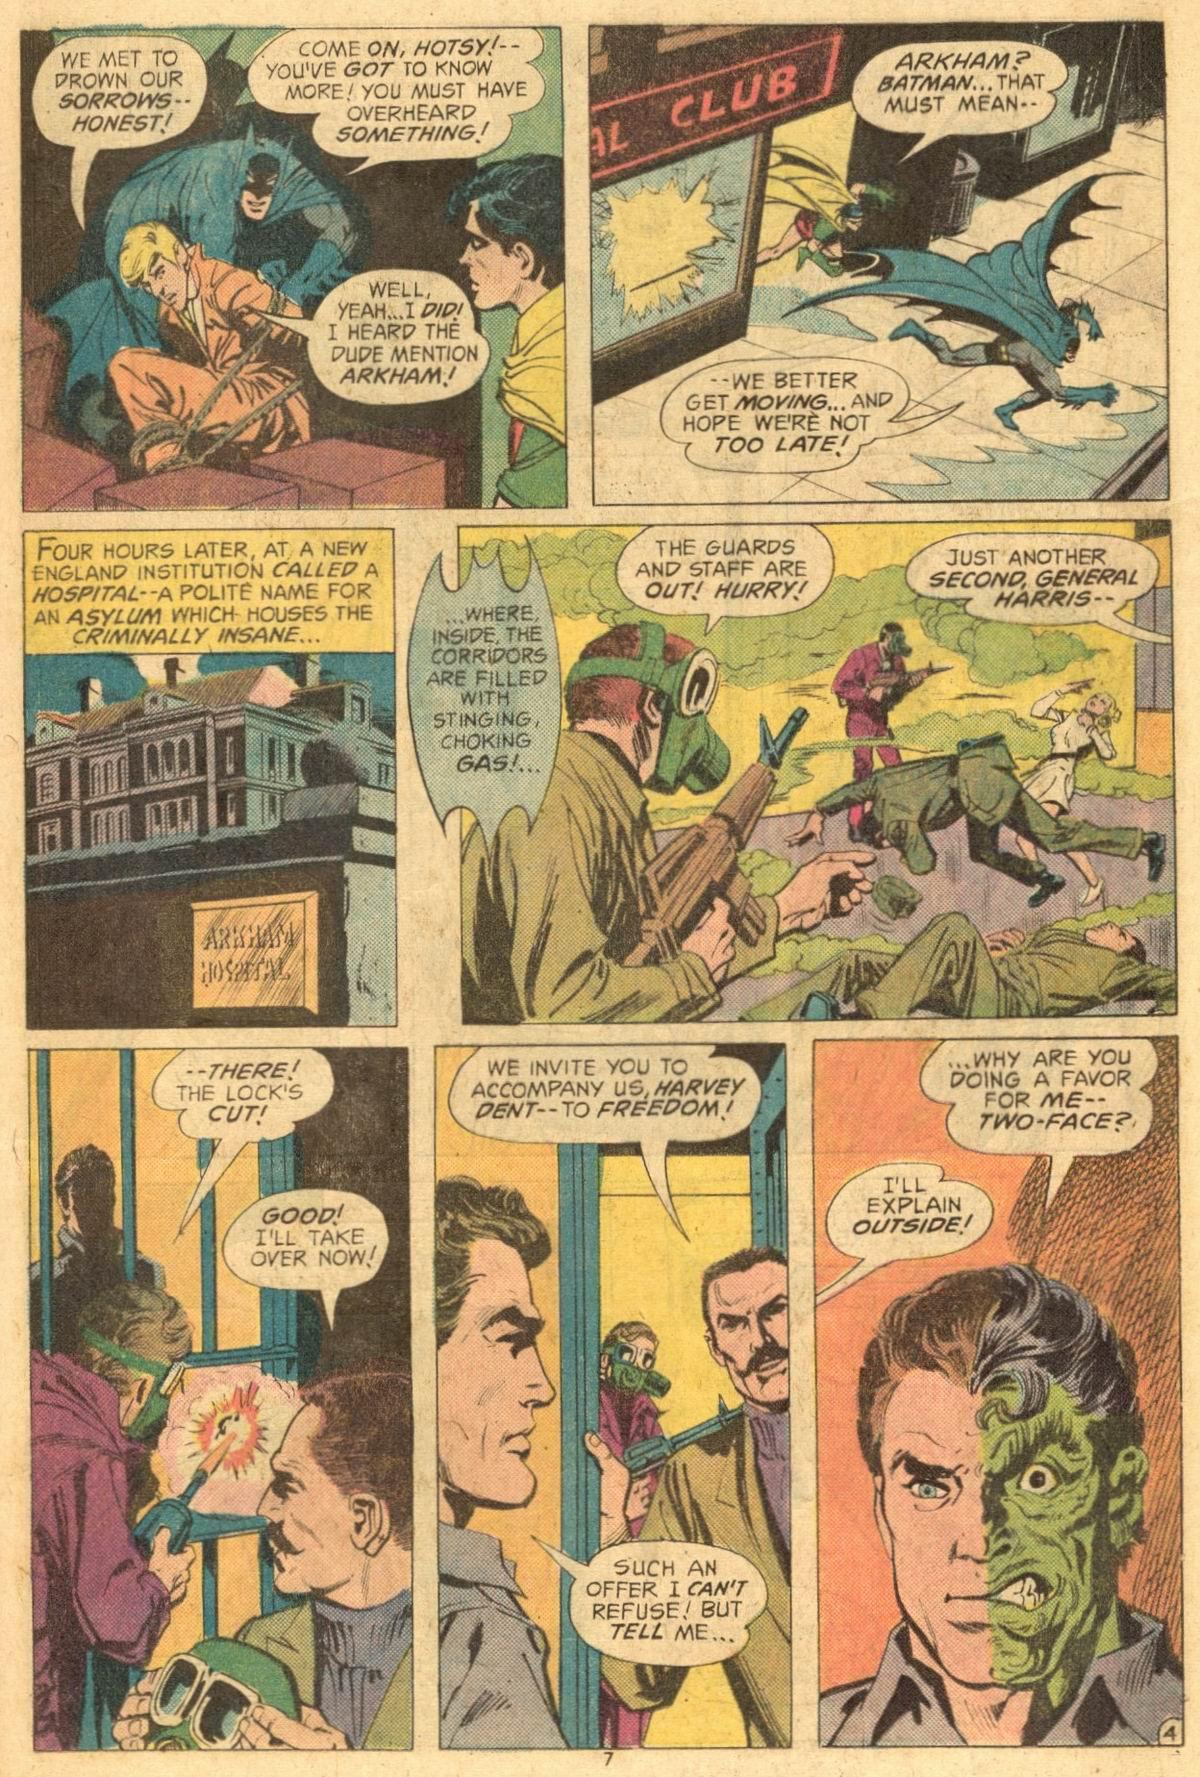 Batman (1940) #258 pg.4, featuring General John Harris.